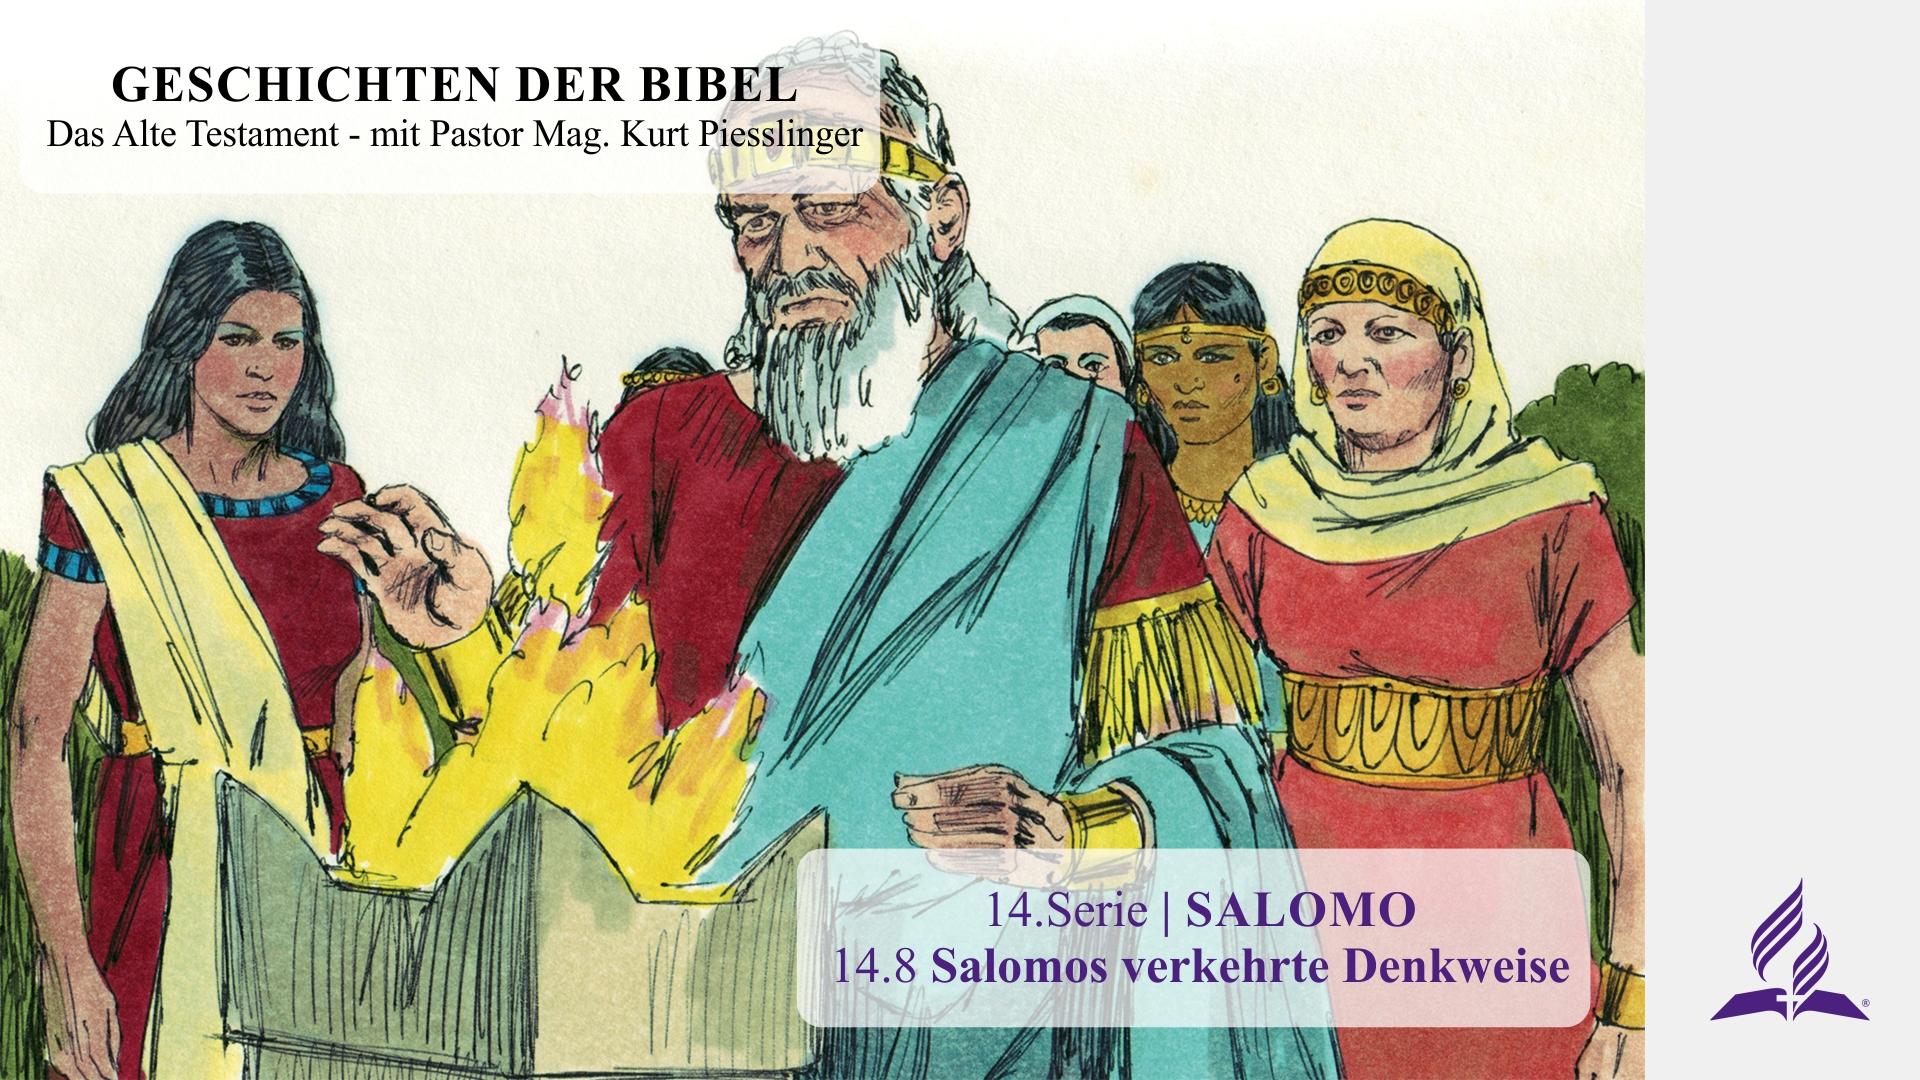 GESCHICHTEN DER BIBEL: 14.8 Salomos verkehrte Denkweise – 14.SALOMO | Pastor Mag. Kurt Piesslinger